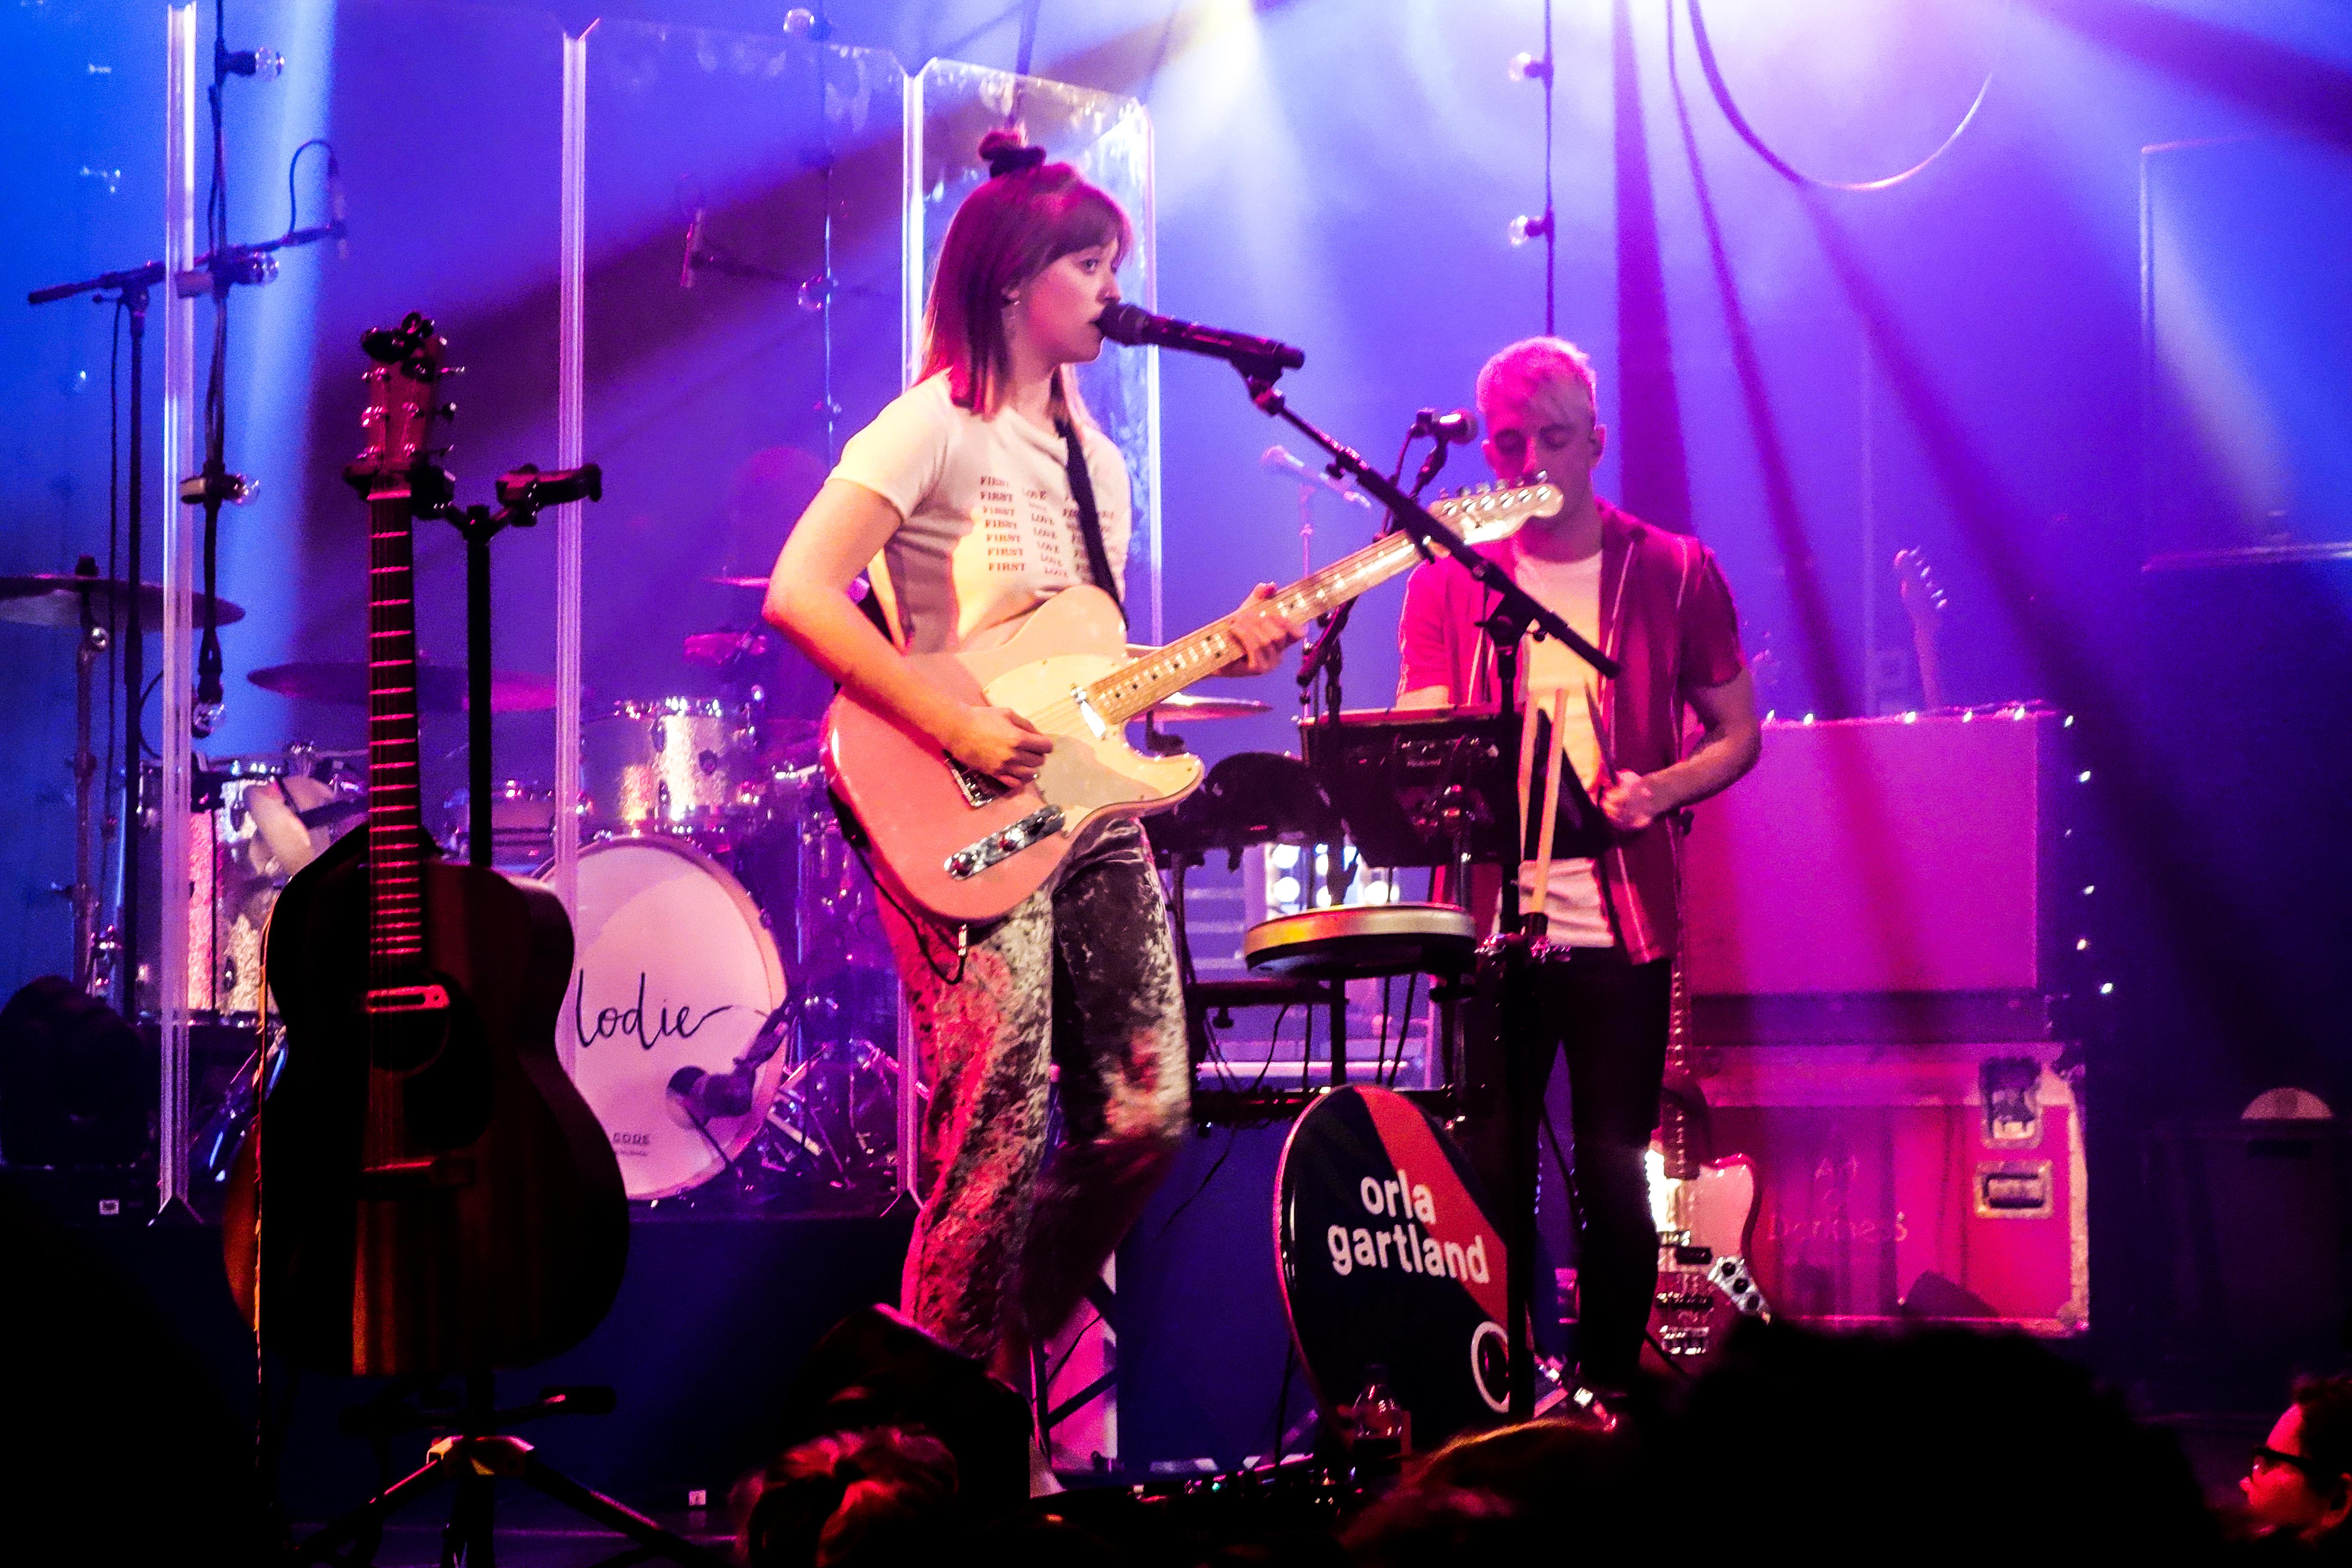 Orla Gartland optreden in Melkweg Amsterdam als voorprogramma voor Dodie Clark